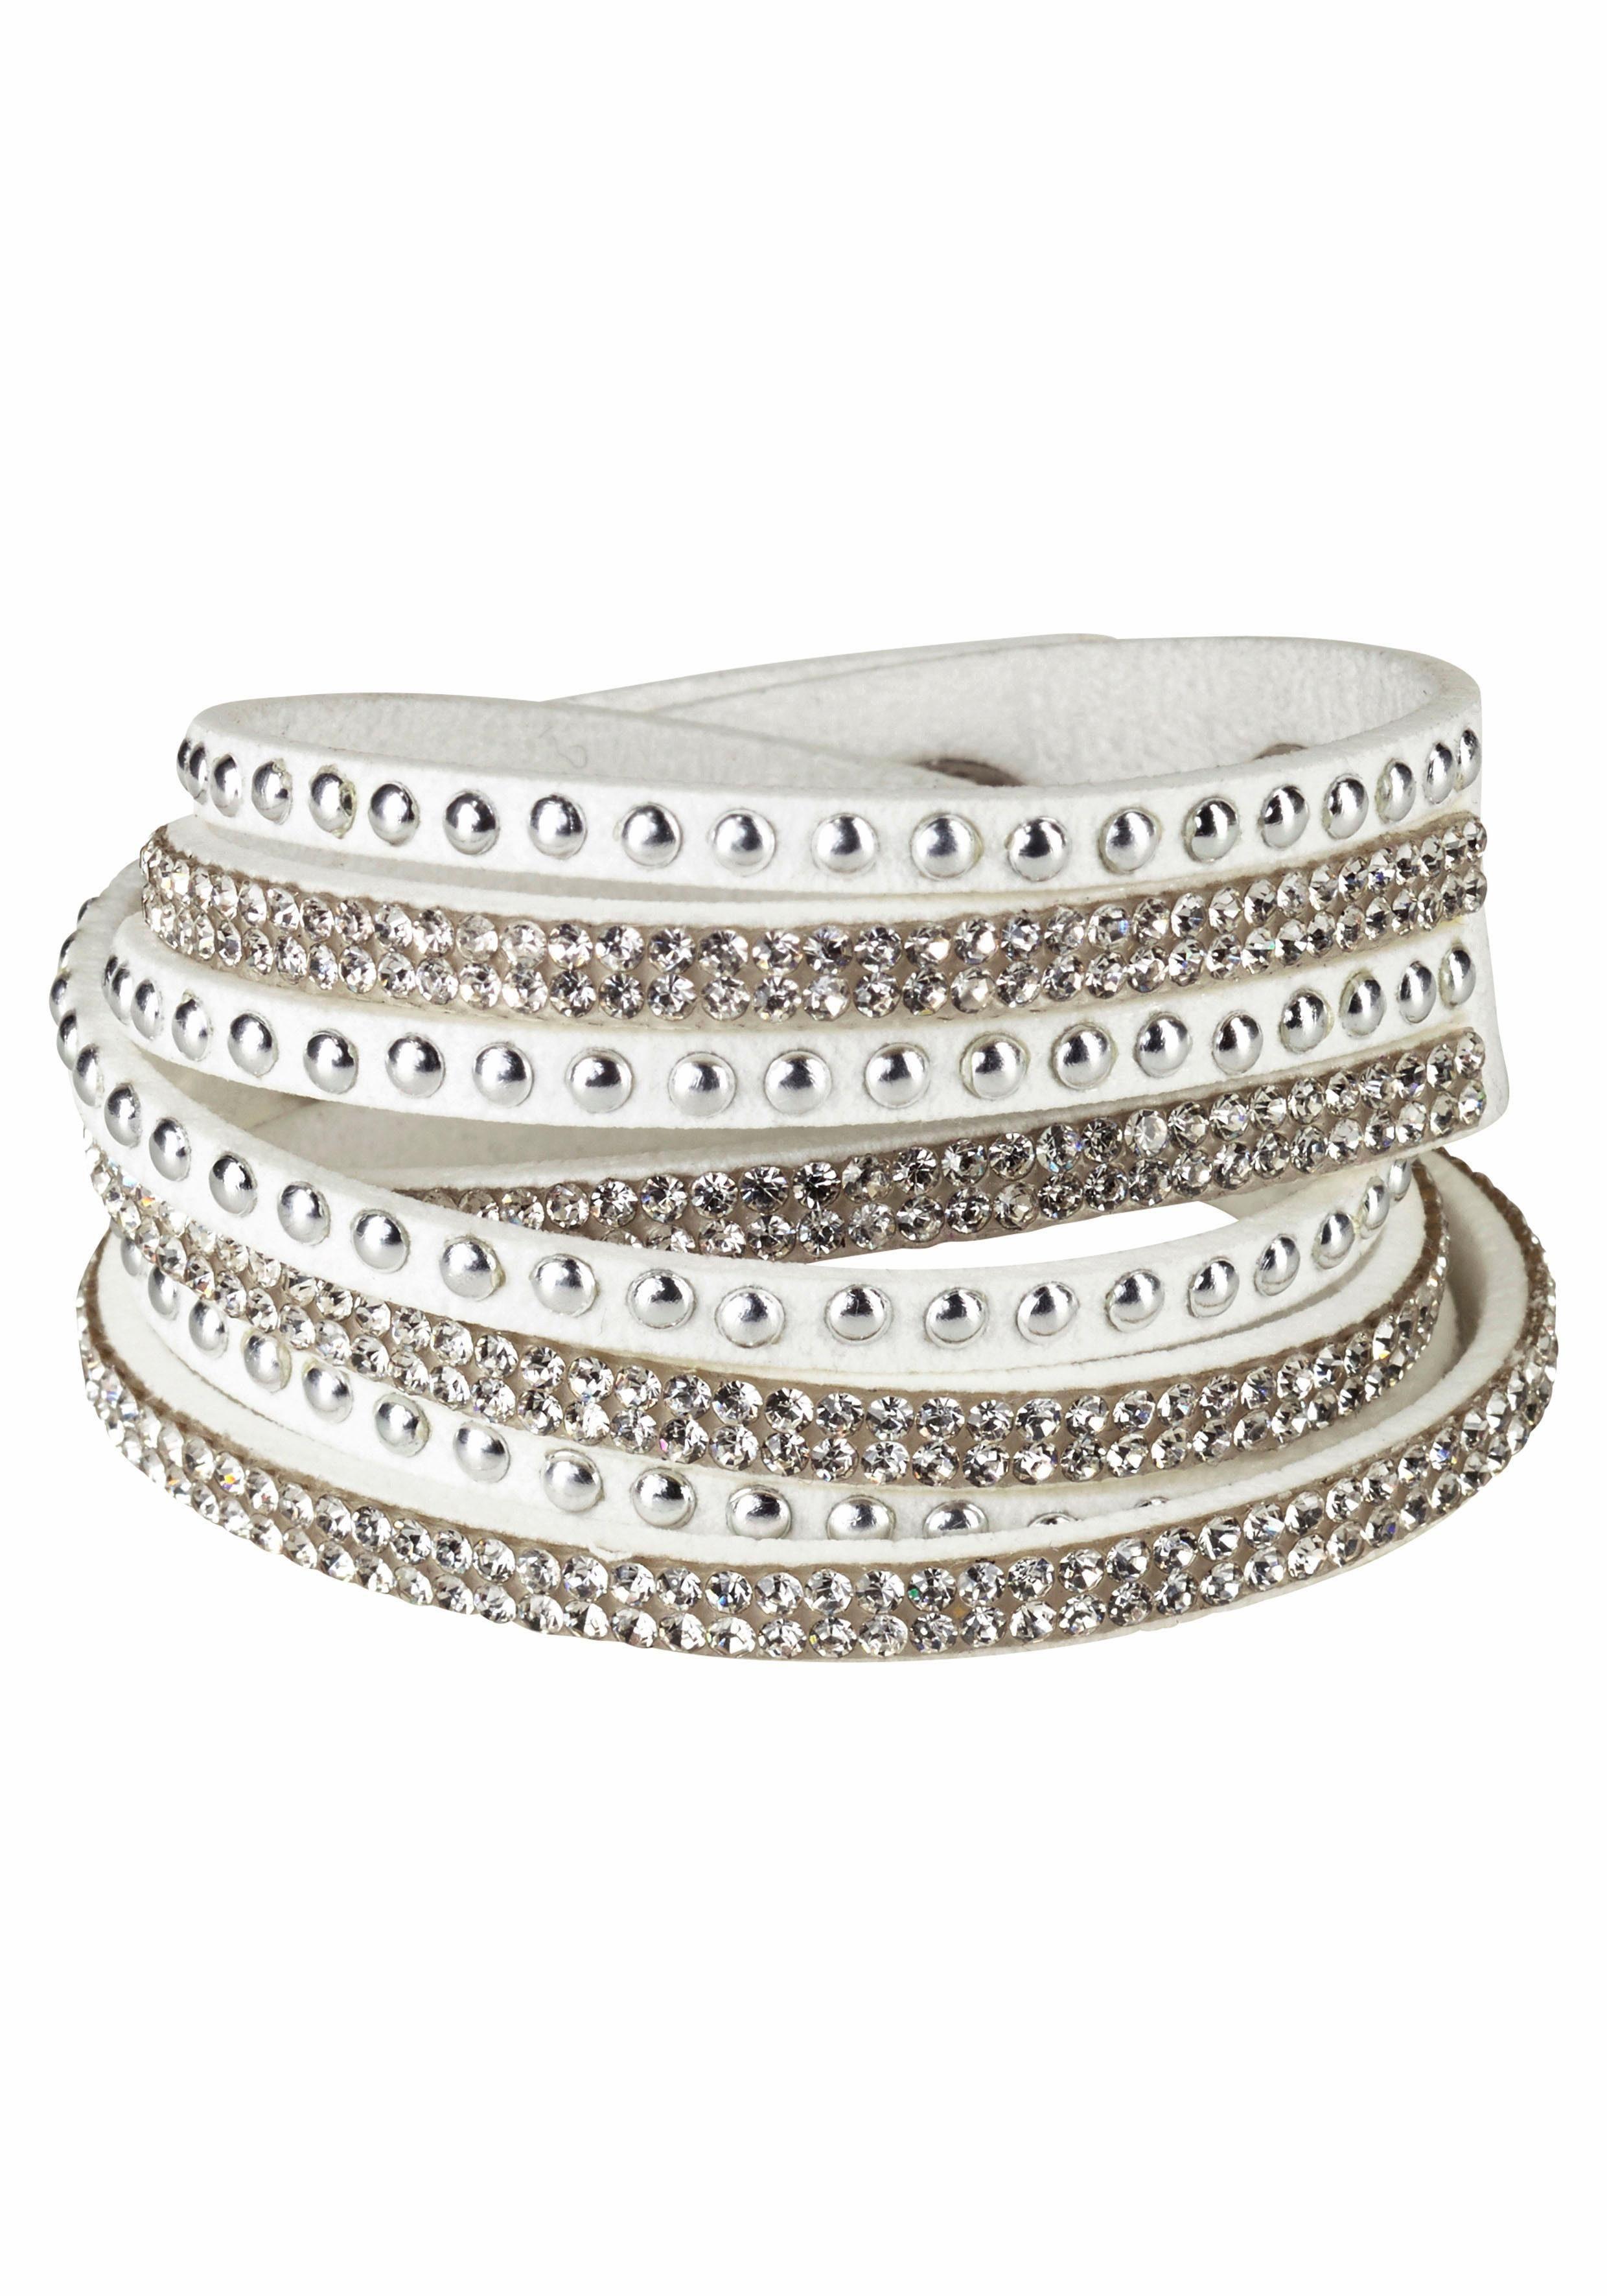 J. Jayz Armband, zum Wickeln